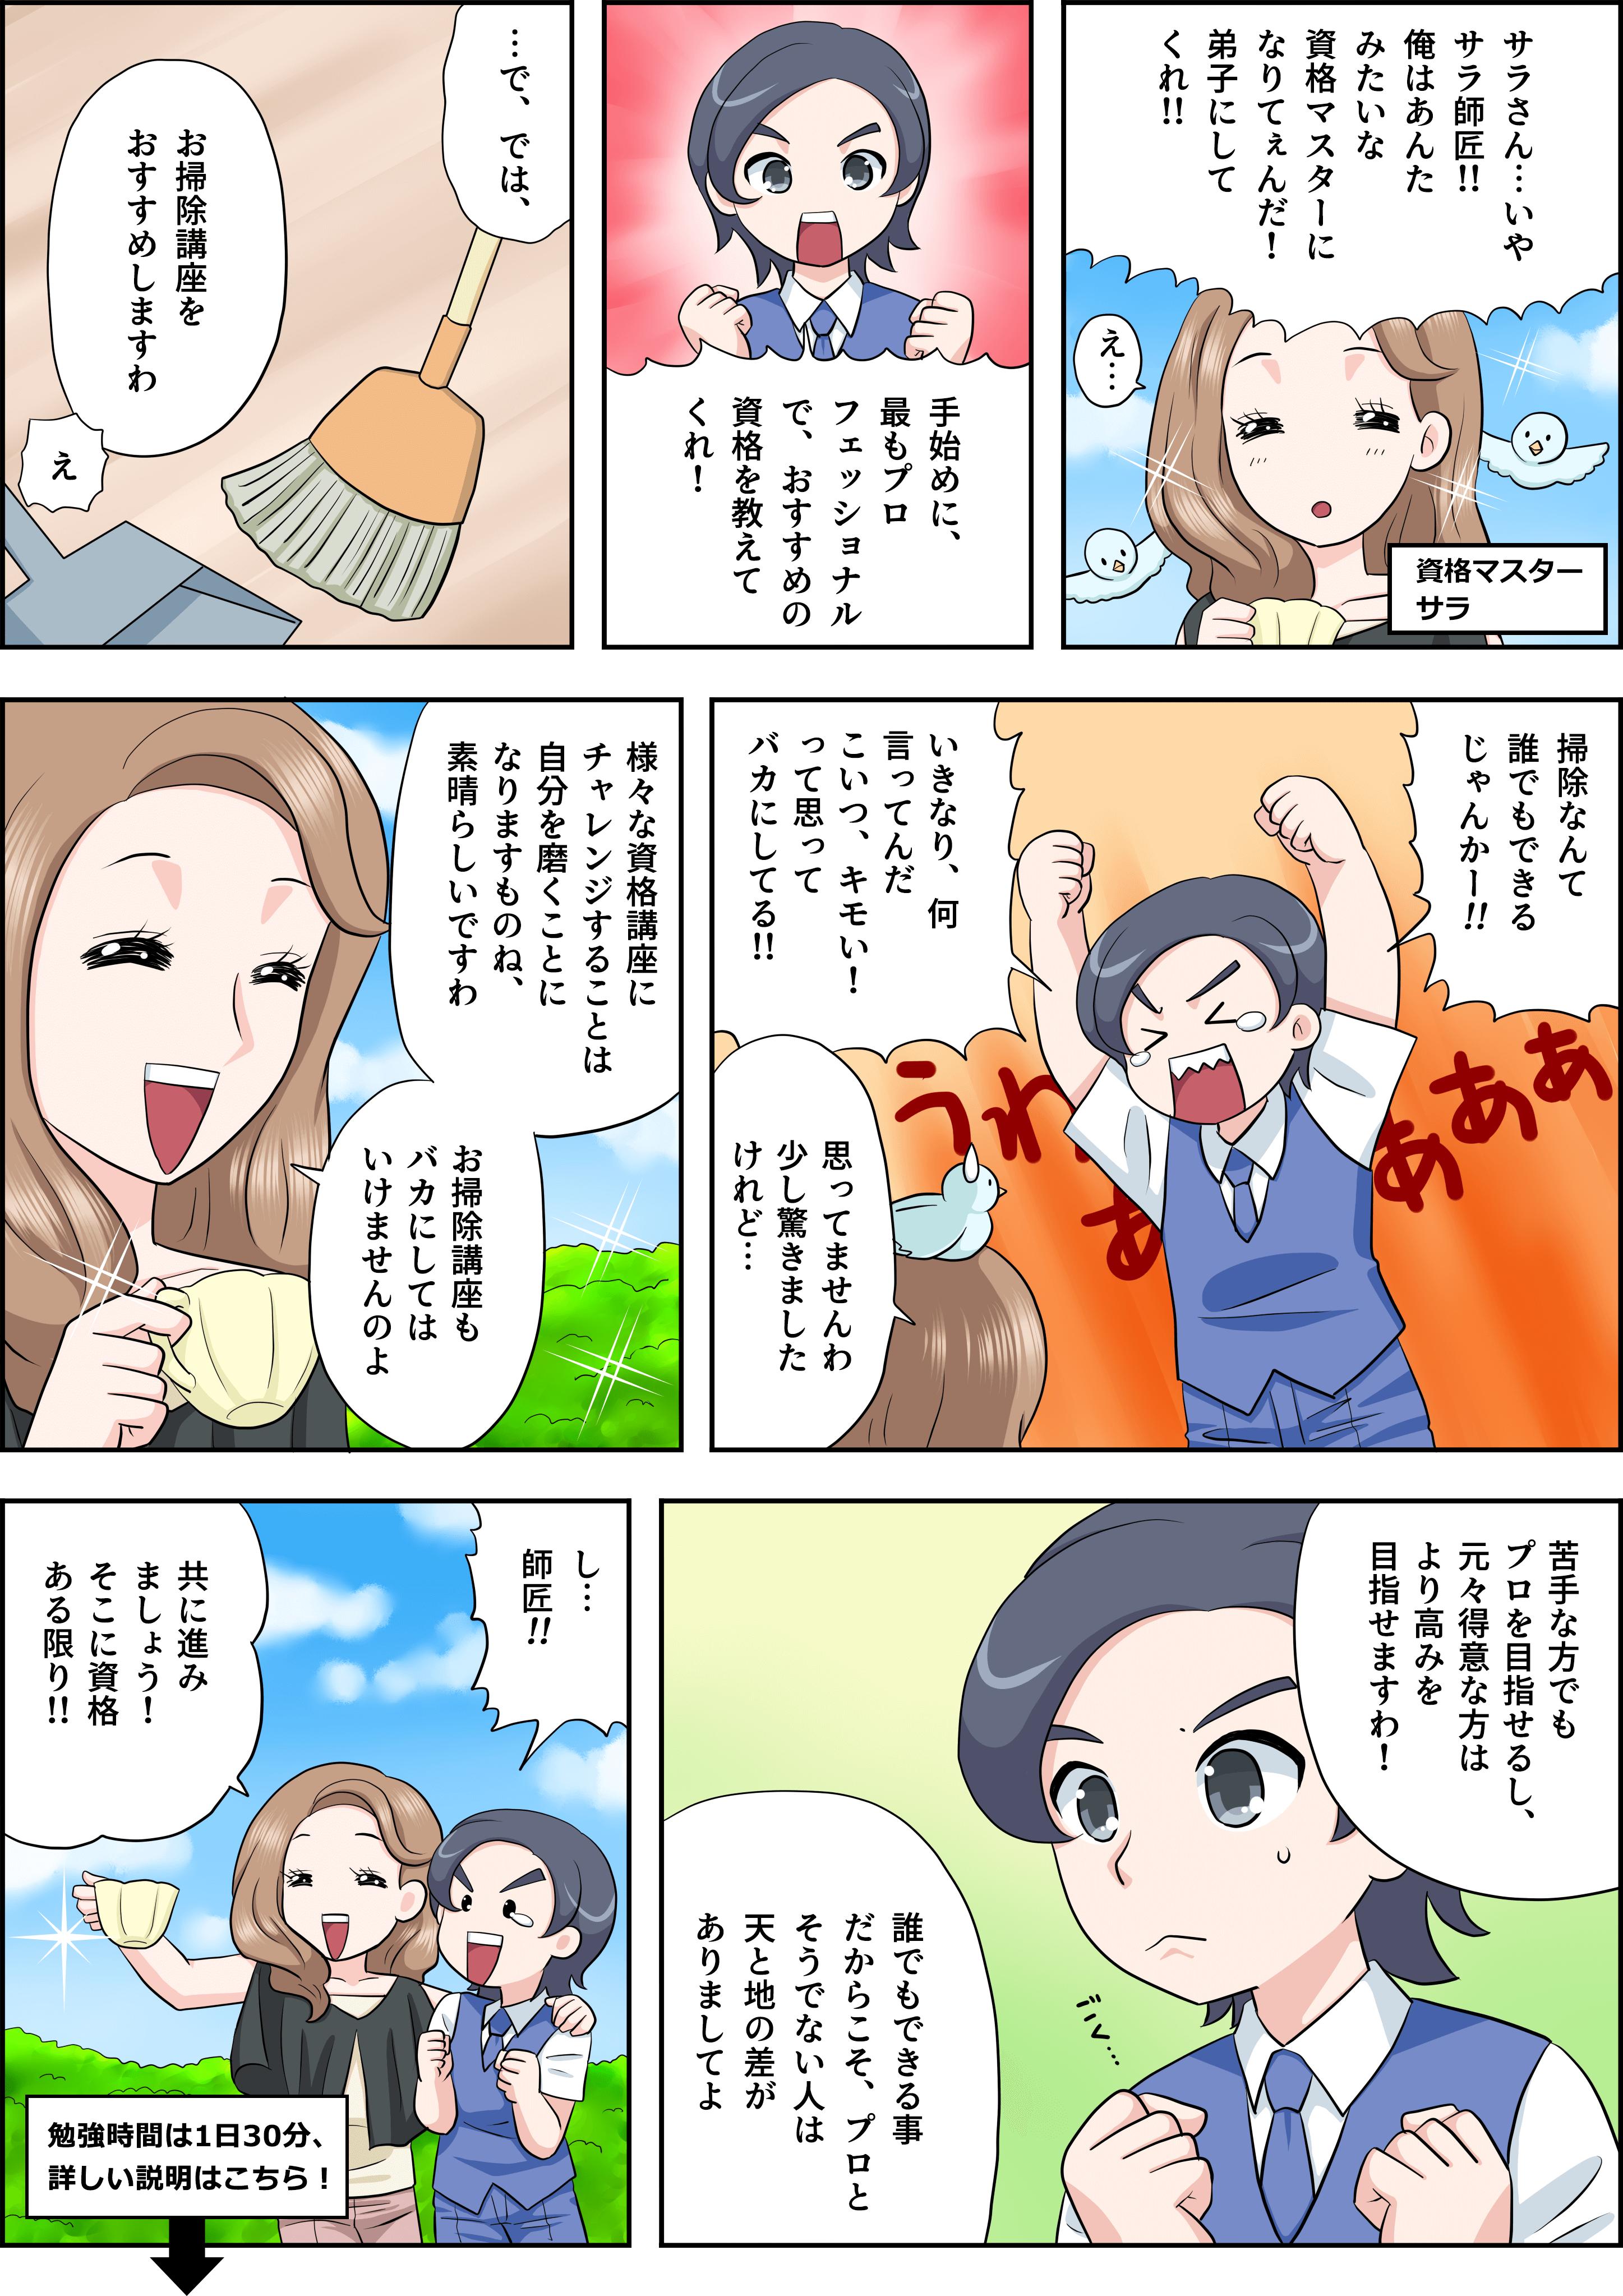 掃除の漫画